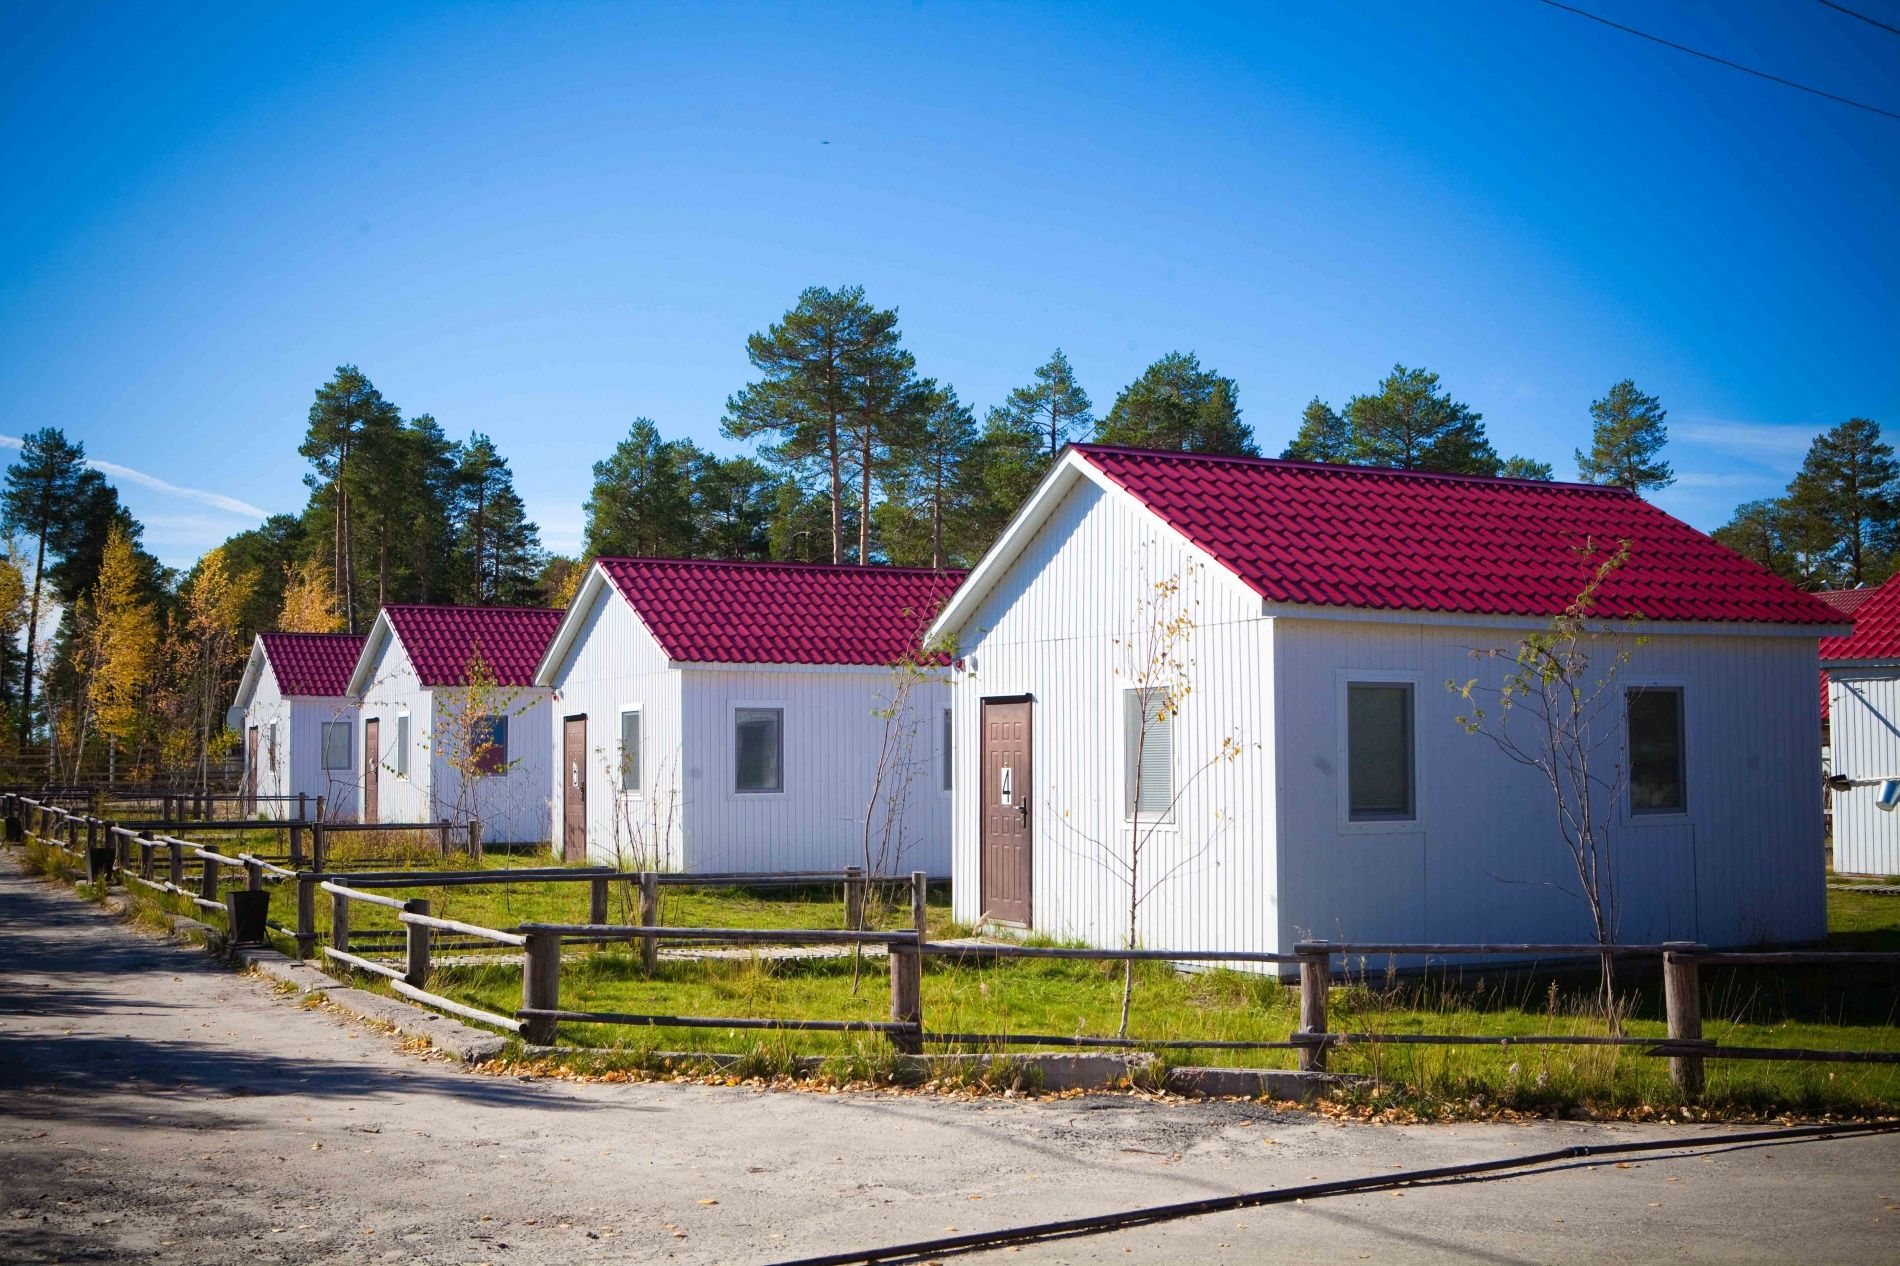 База отдыха «Рыболов-профи» Ханты-Мансийский автономный округ (Югра), фото 8